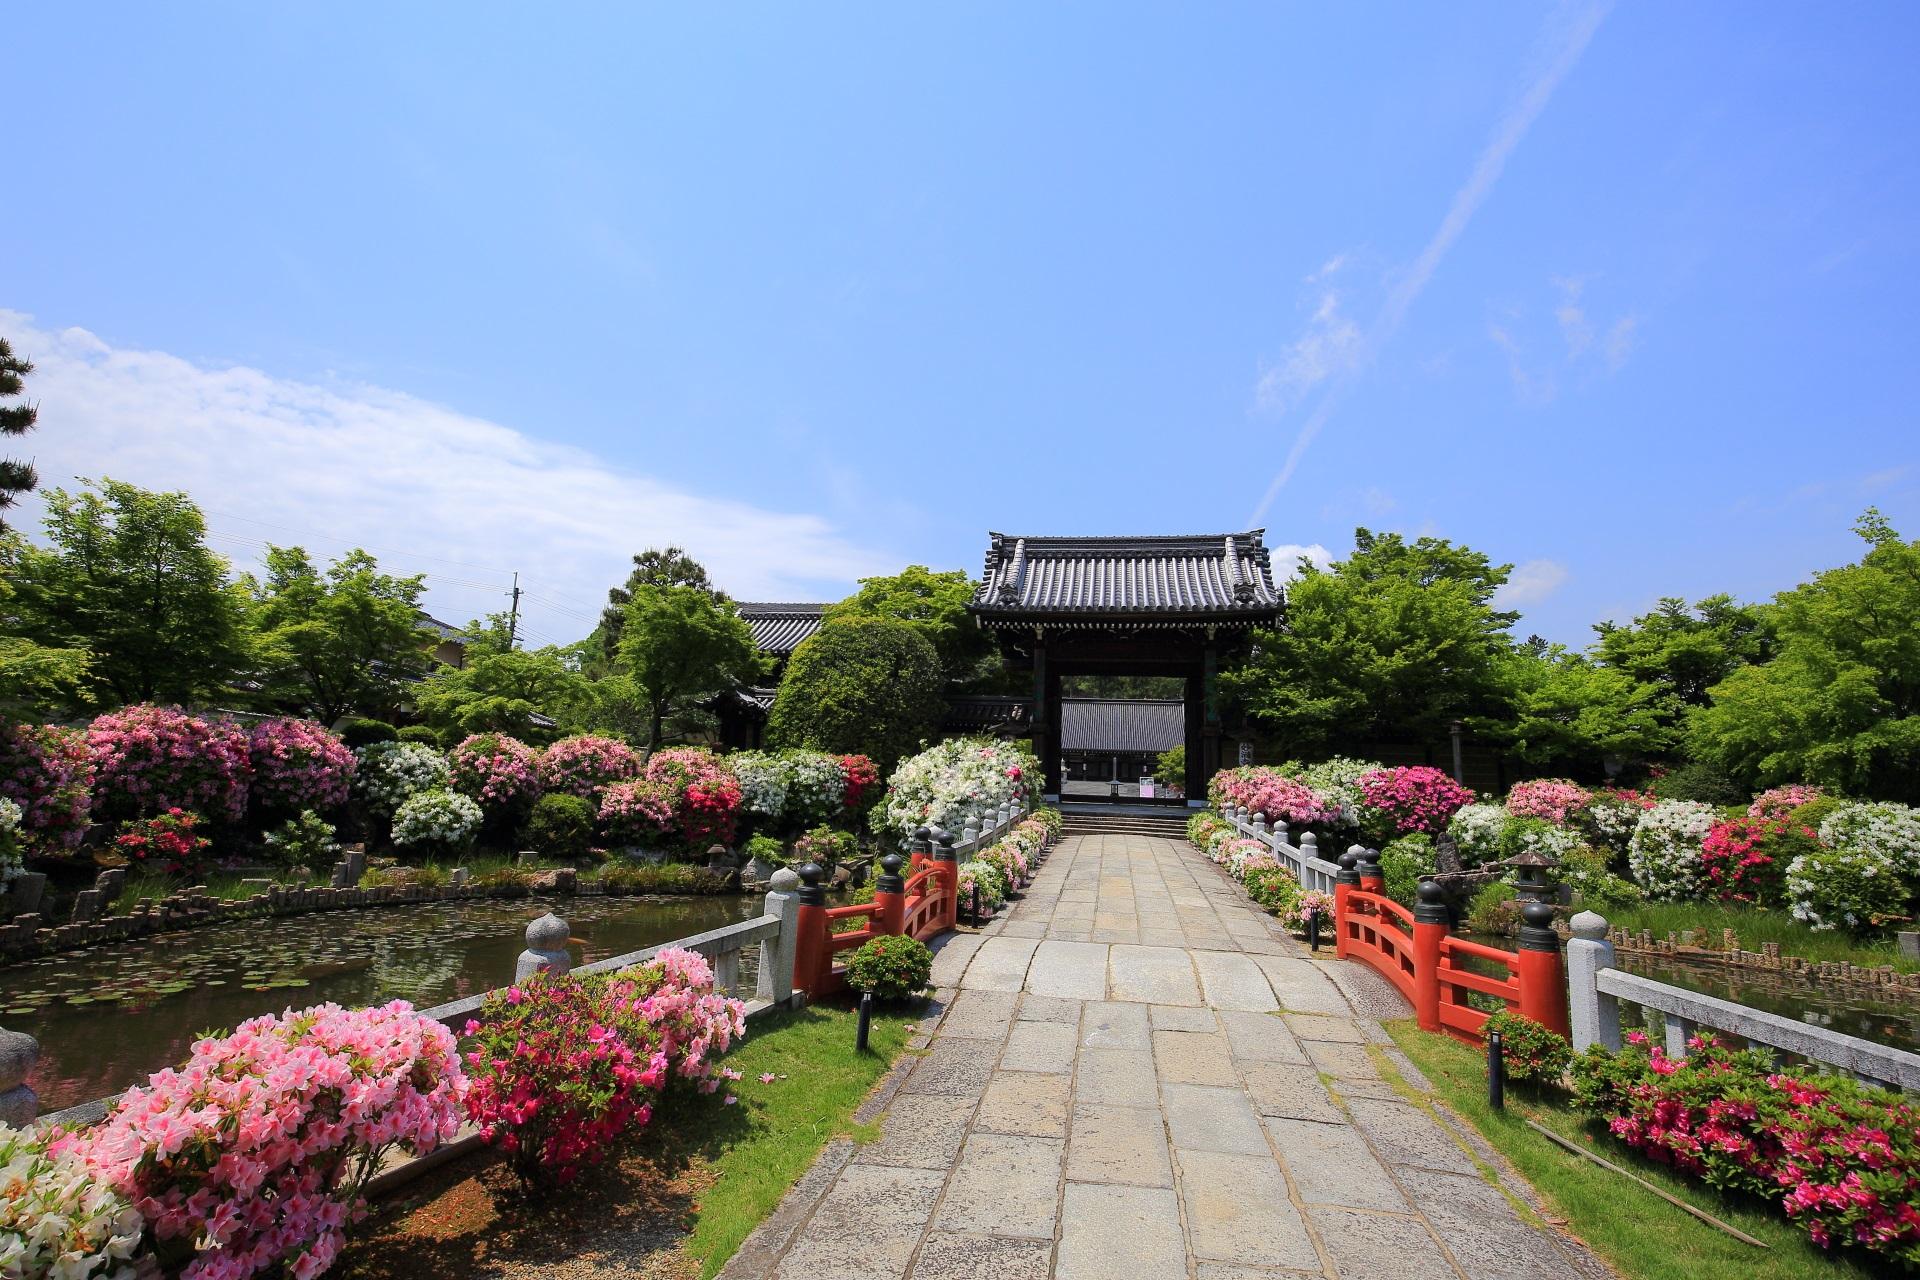 ピンクや白や紫などの多彩なツツジが咲く妙満寺(みょうまんじ)